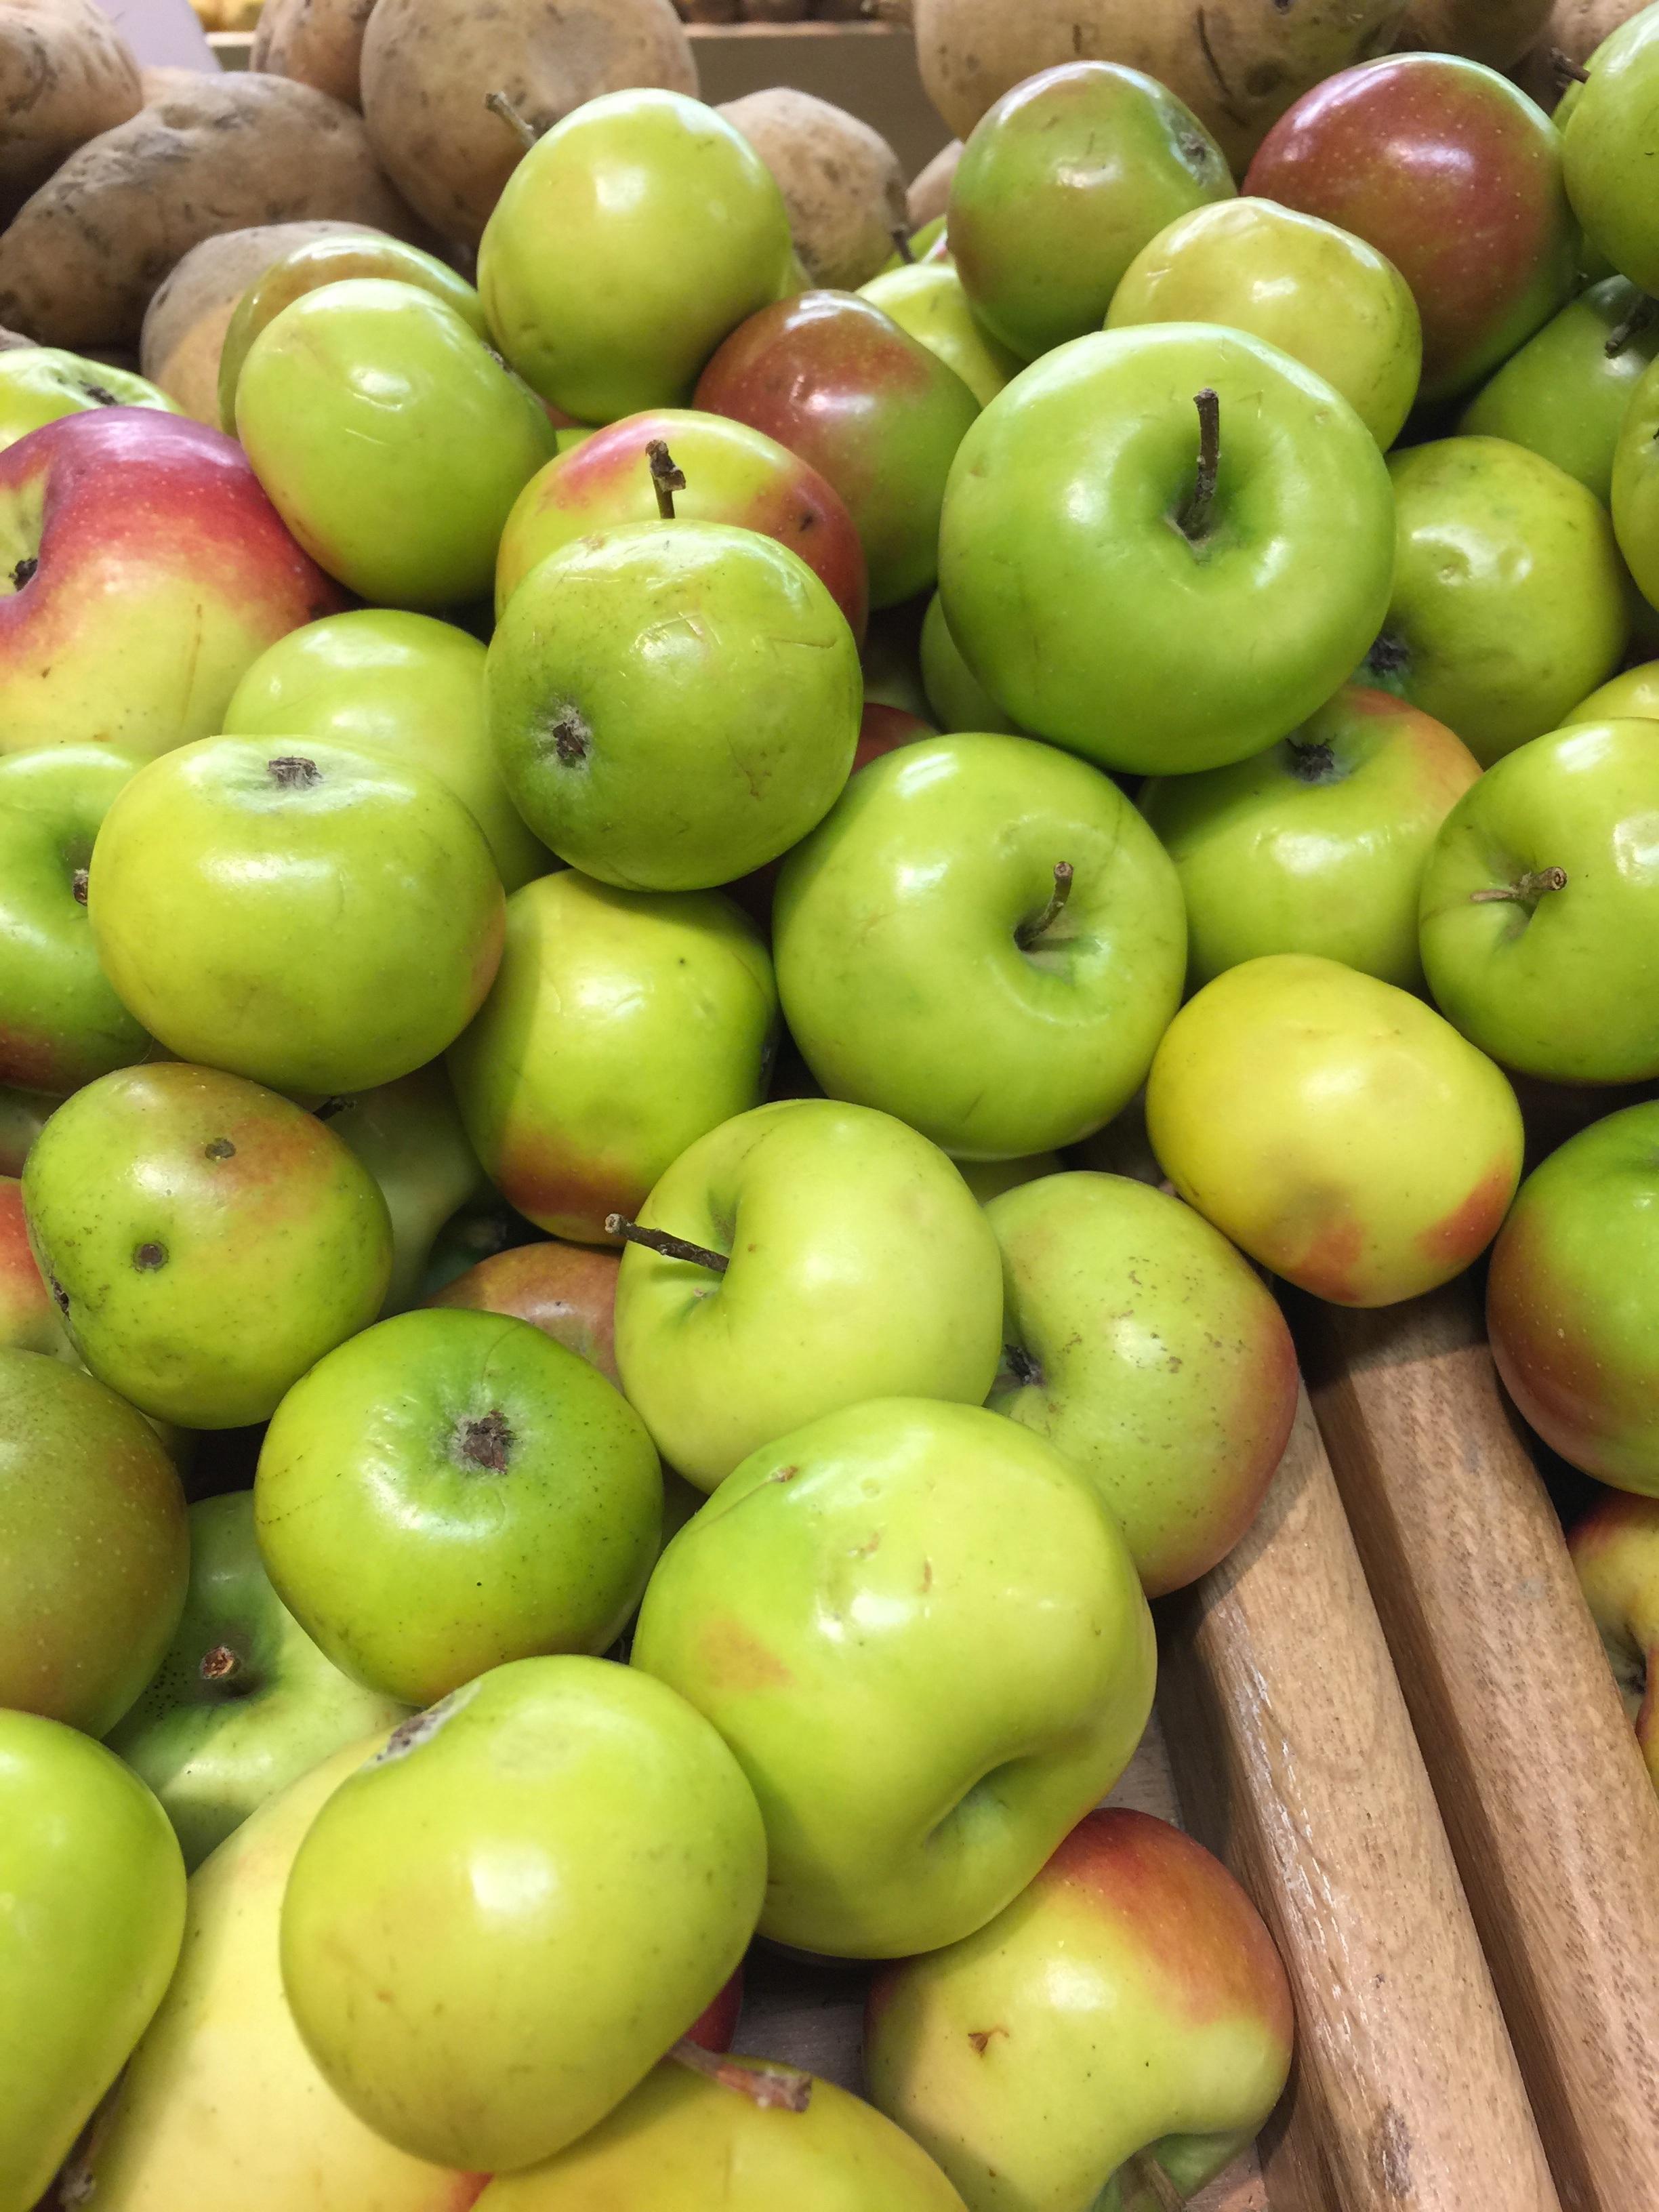 inside apples photos tumblr - HD1200×1600